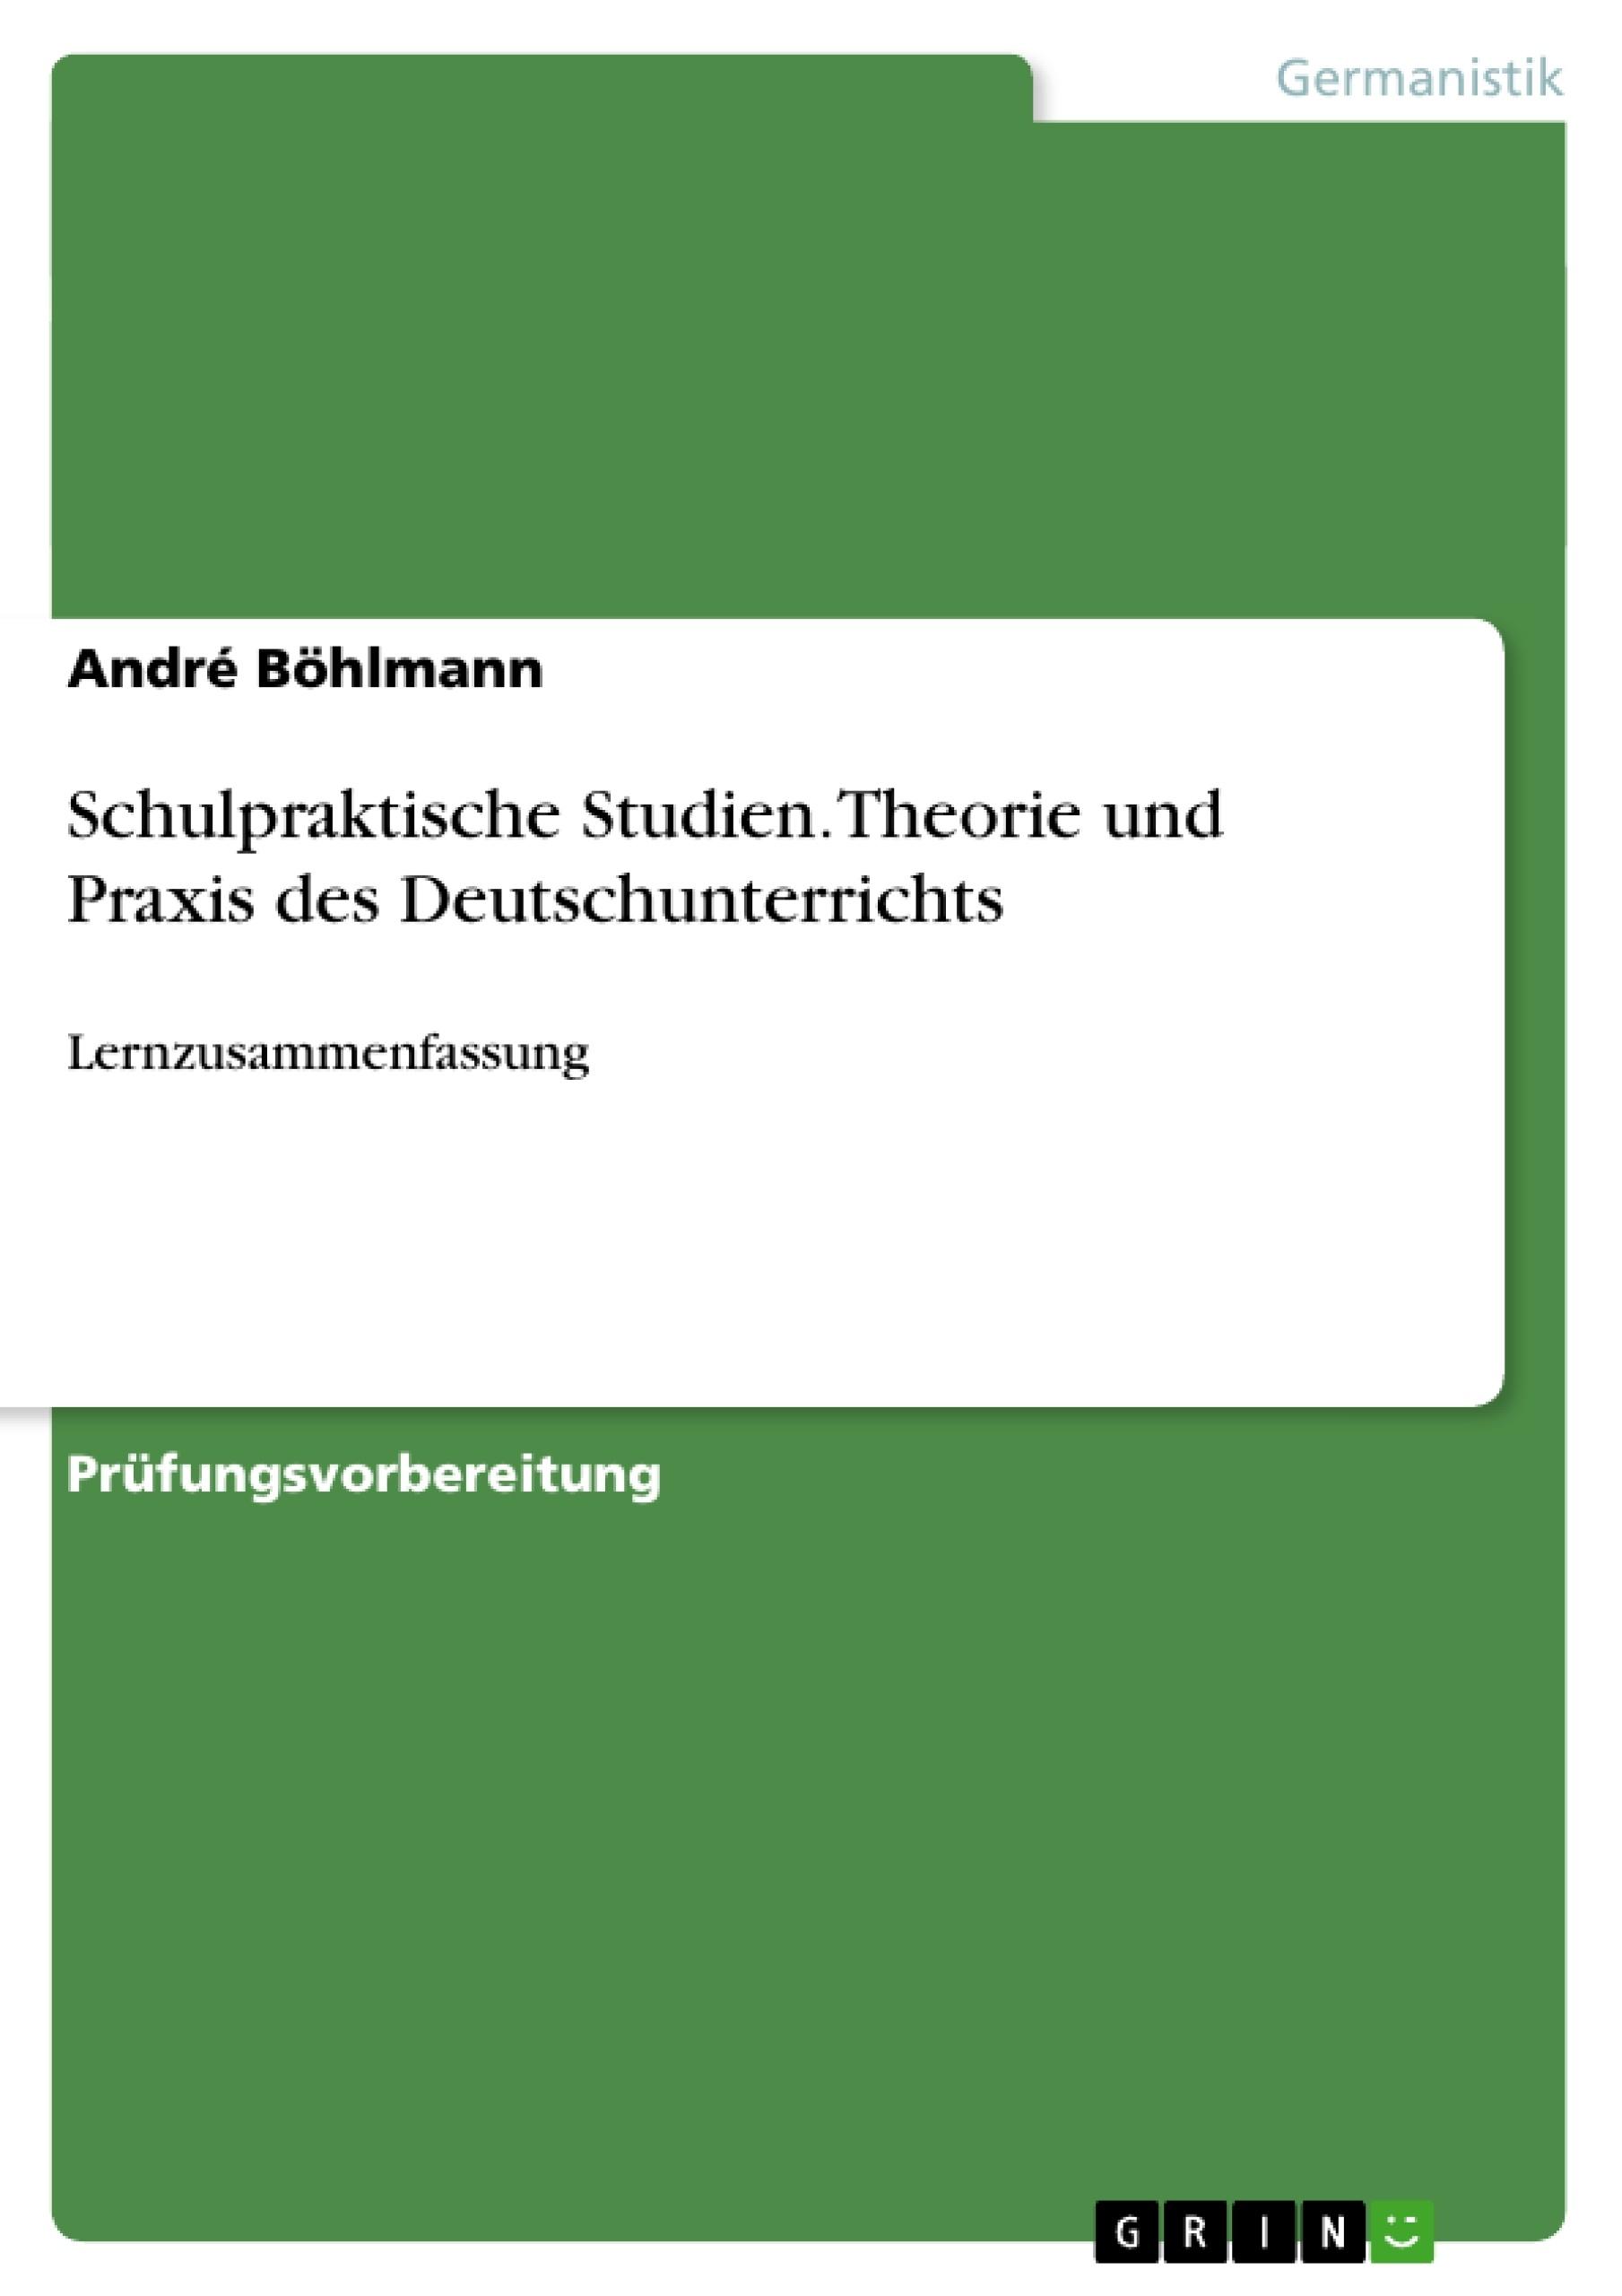 Titel: Schulpraktische Studien. Theorie und Praxis des Deutschunterrichts